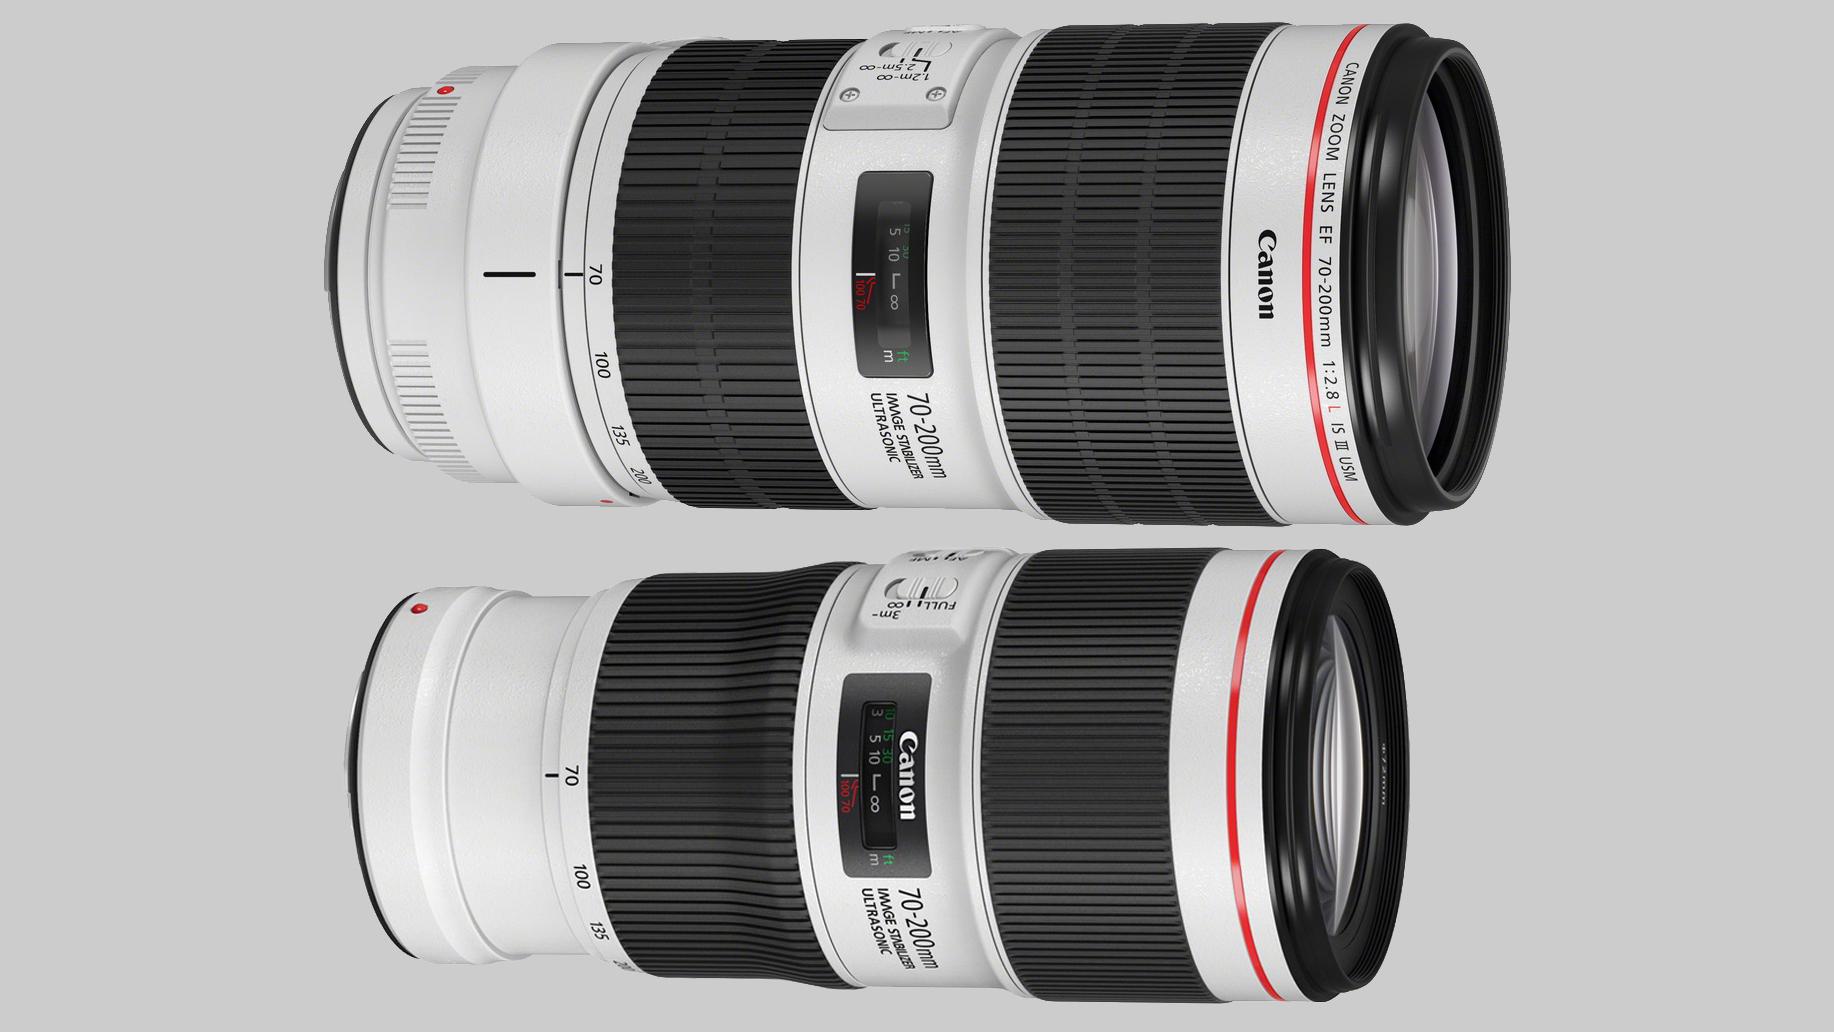 Canon 70-200 mm tele